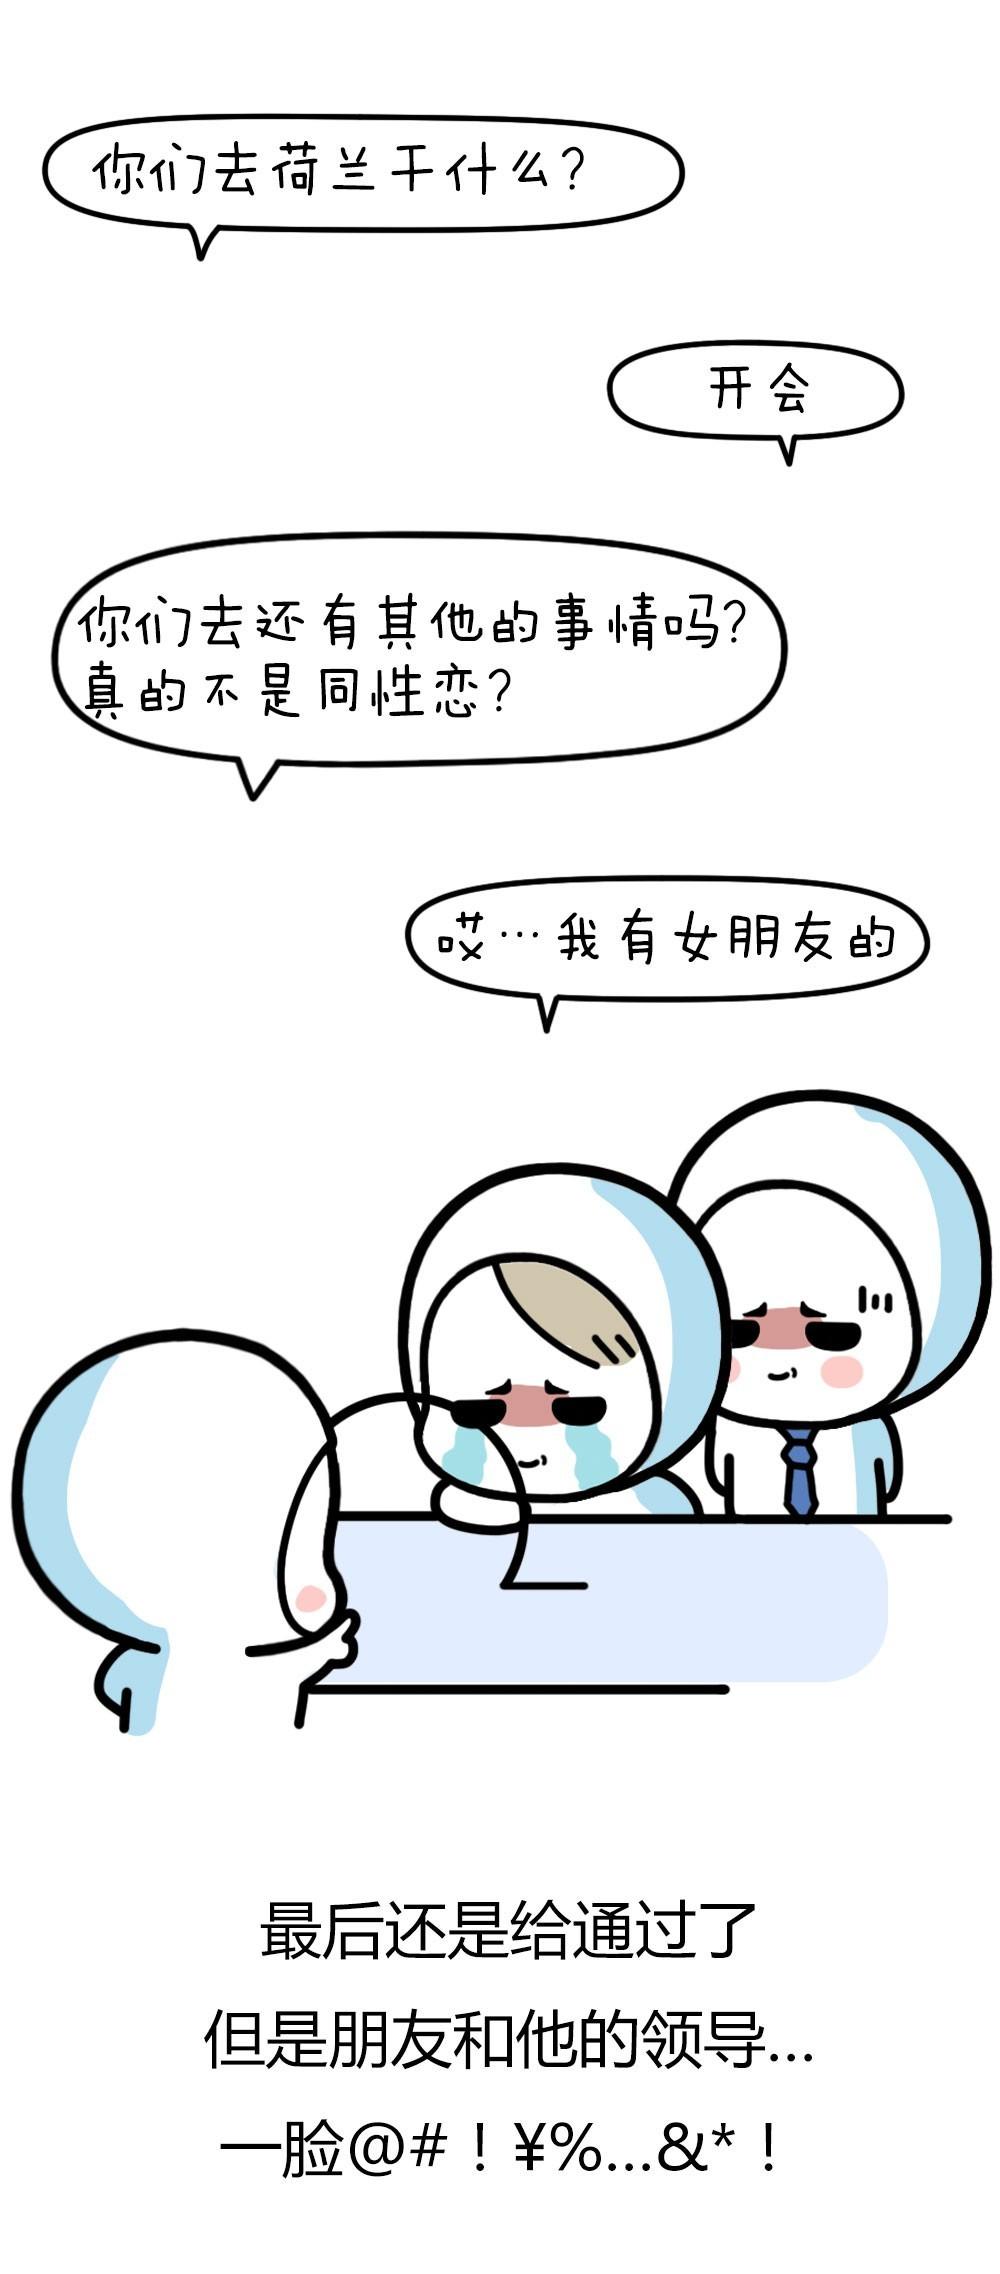 台湾小哥办签证说自己不是中国人,结果…